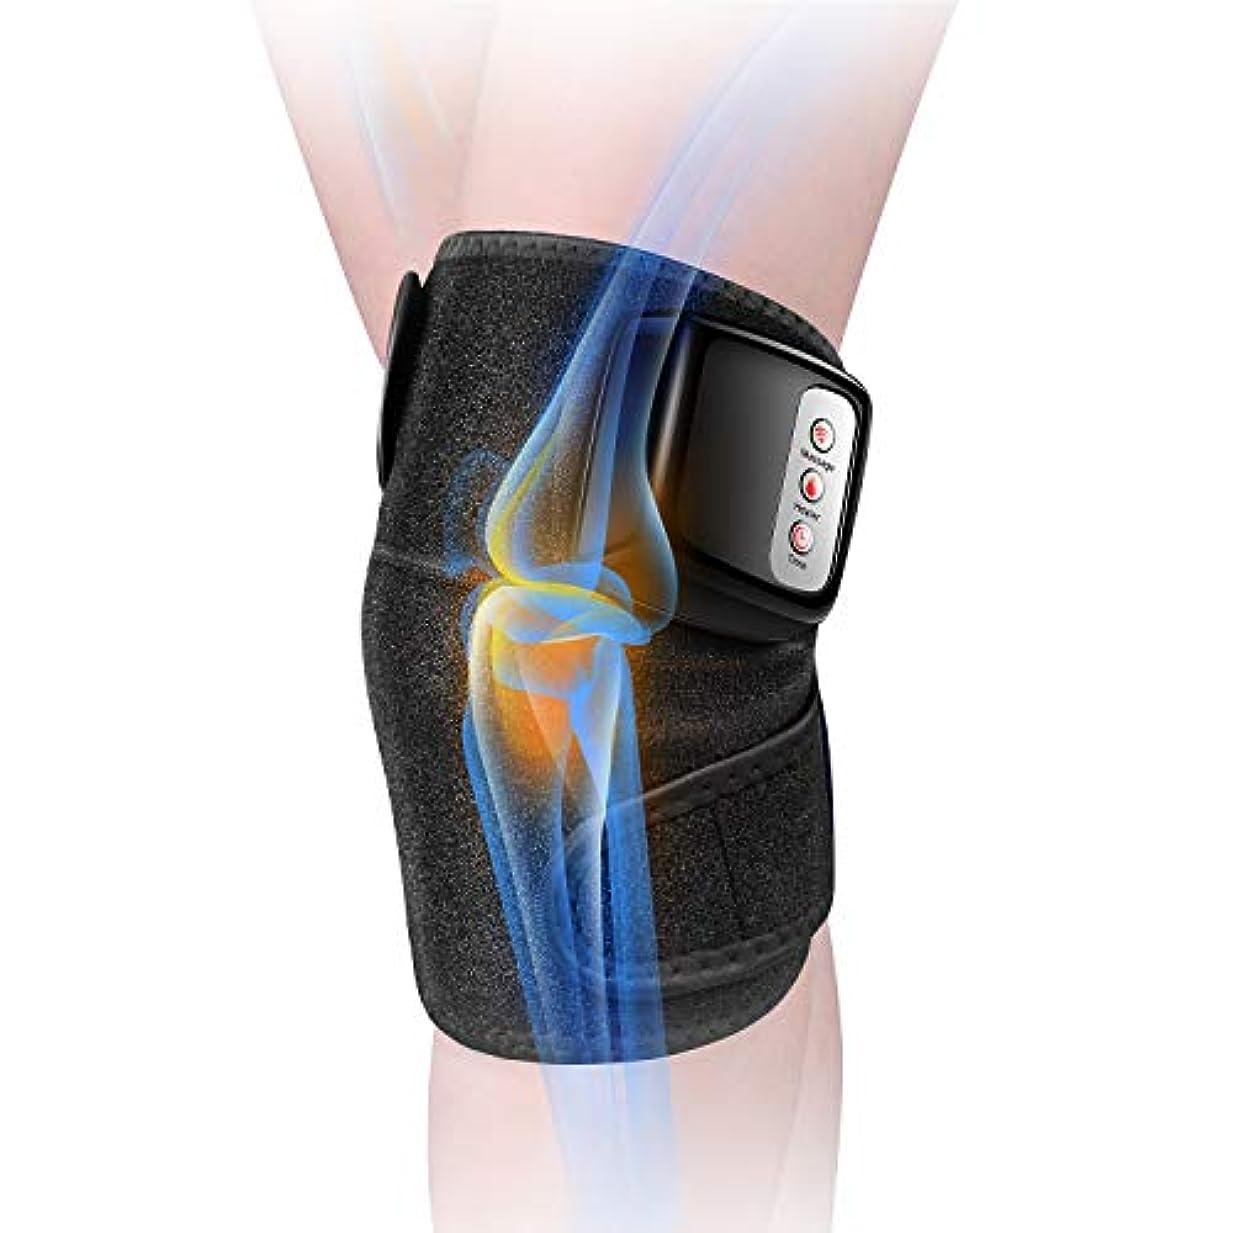 シンジケート本能看板膝マッサージャー 関節マッサージャー マッサージ器 フットマッサージャー 振動 赤外線療法 温熱療法 膝サポーター ストレス解消 肩 太もも/腕対応